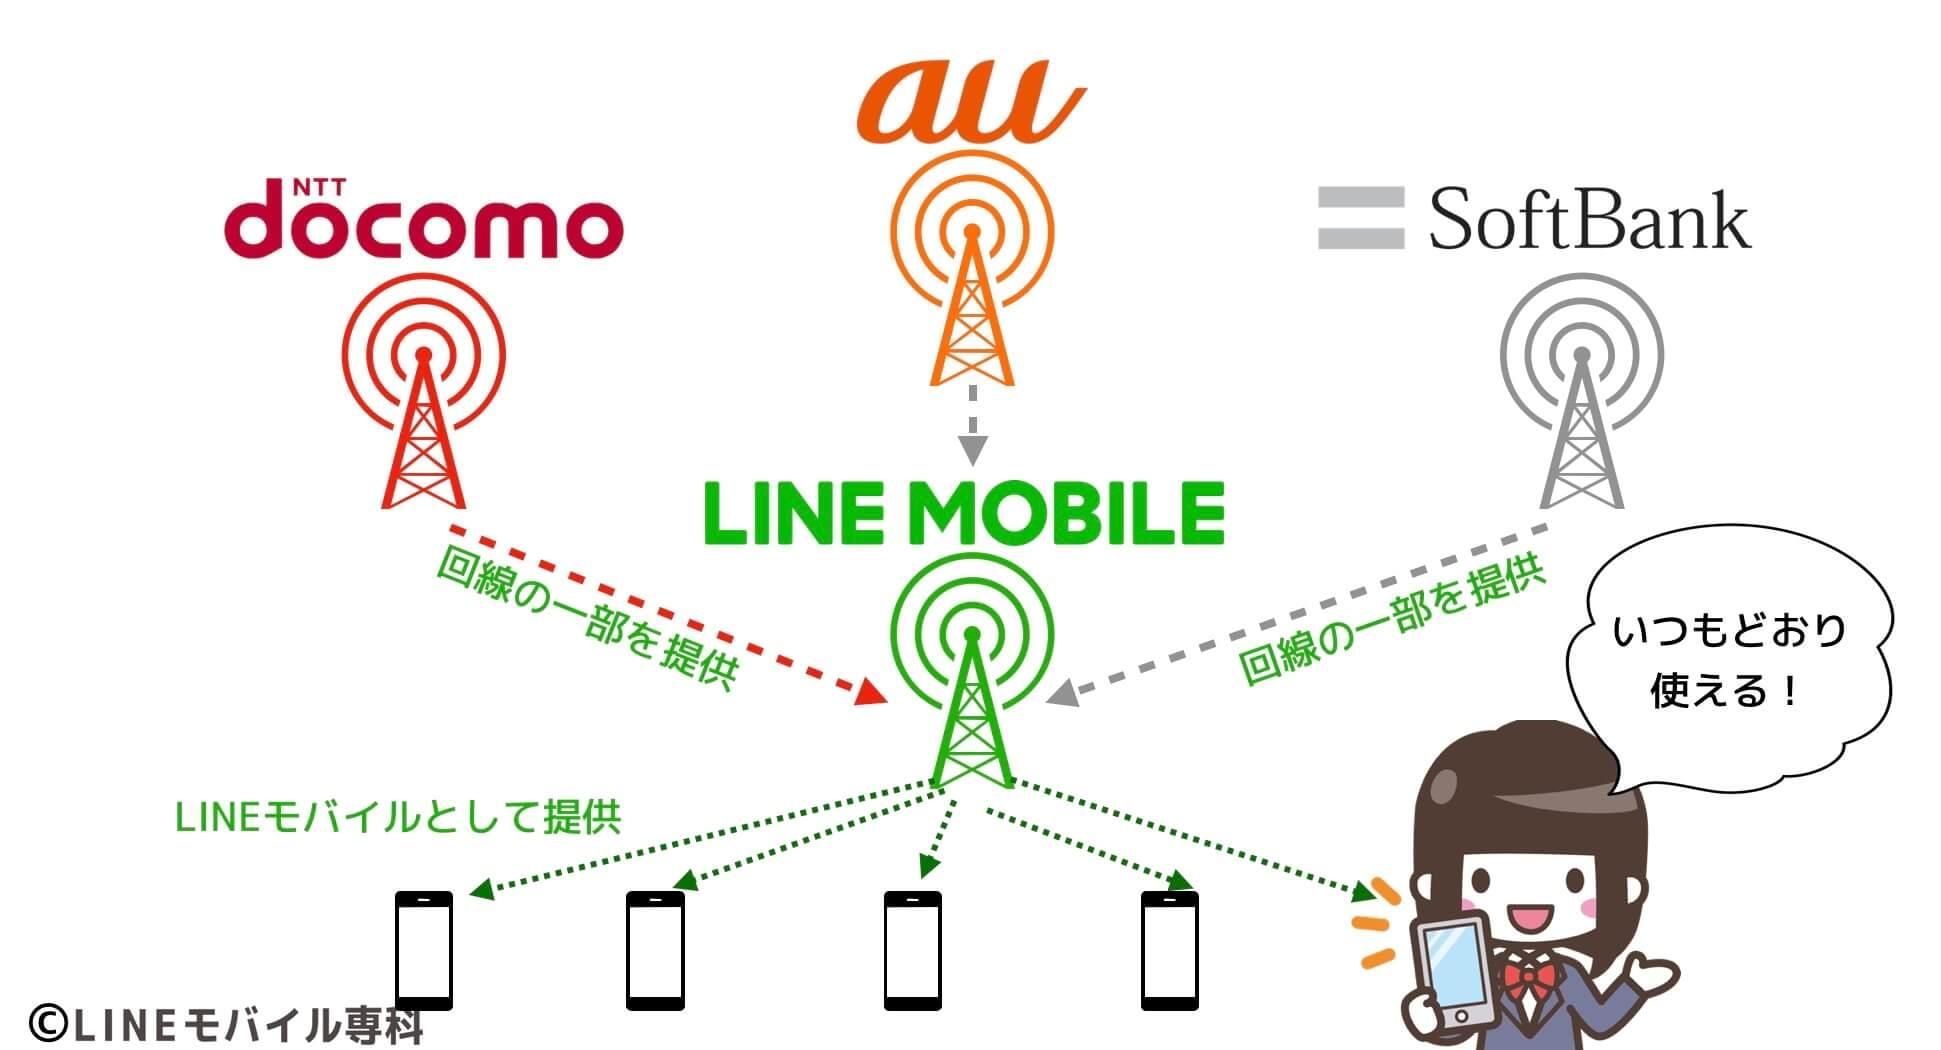 LINEモバイルの回線の仕組み